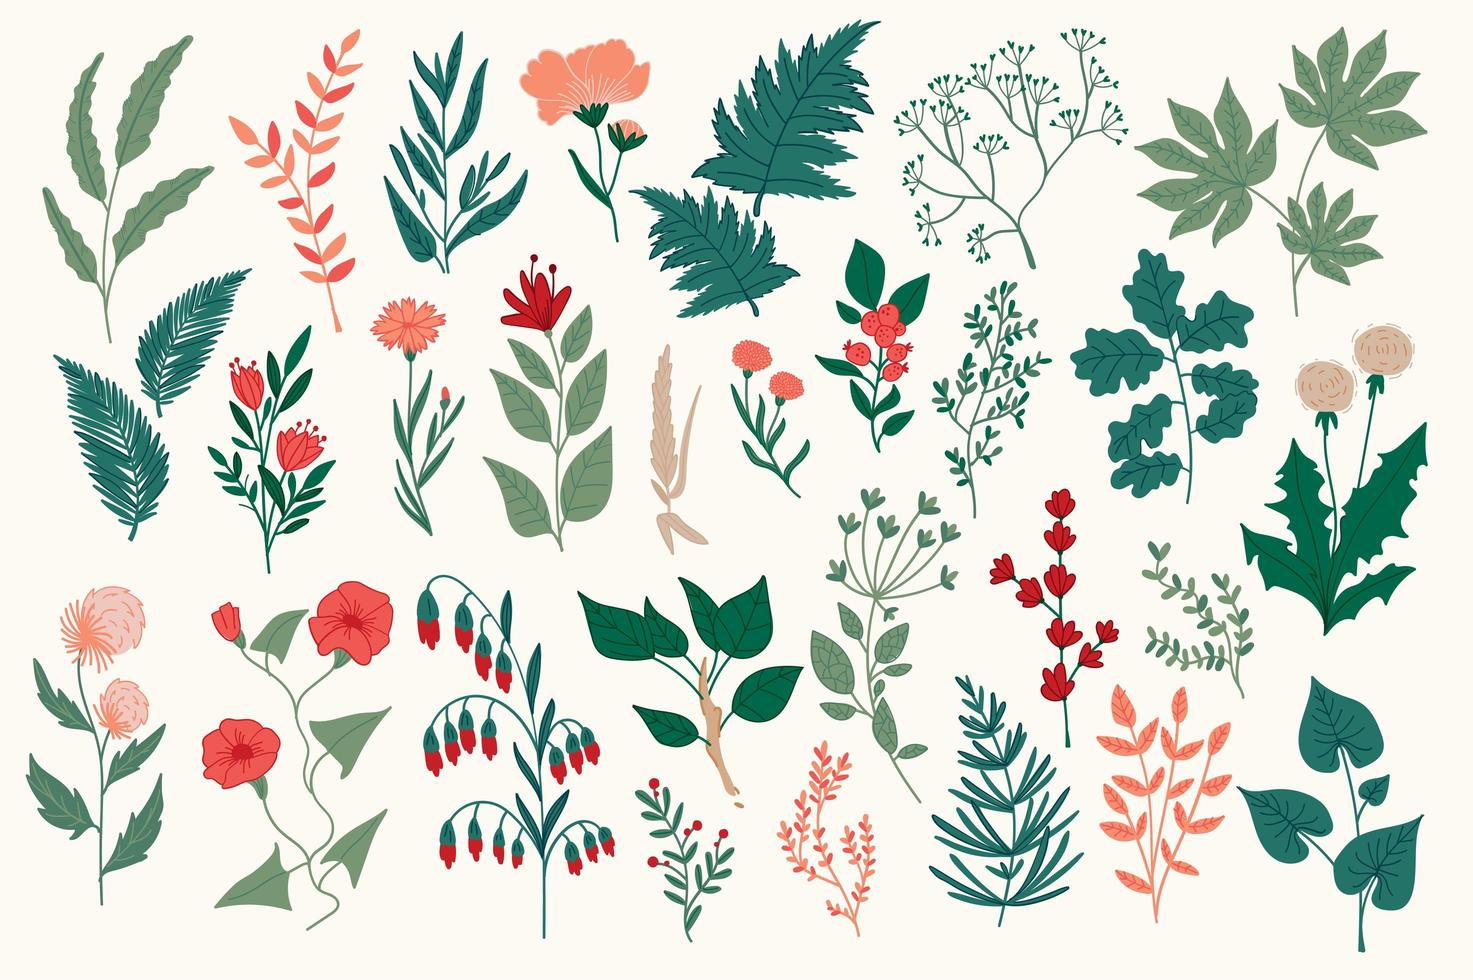 Conjunto de elementos decorativos de flores silvestres. vector